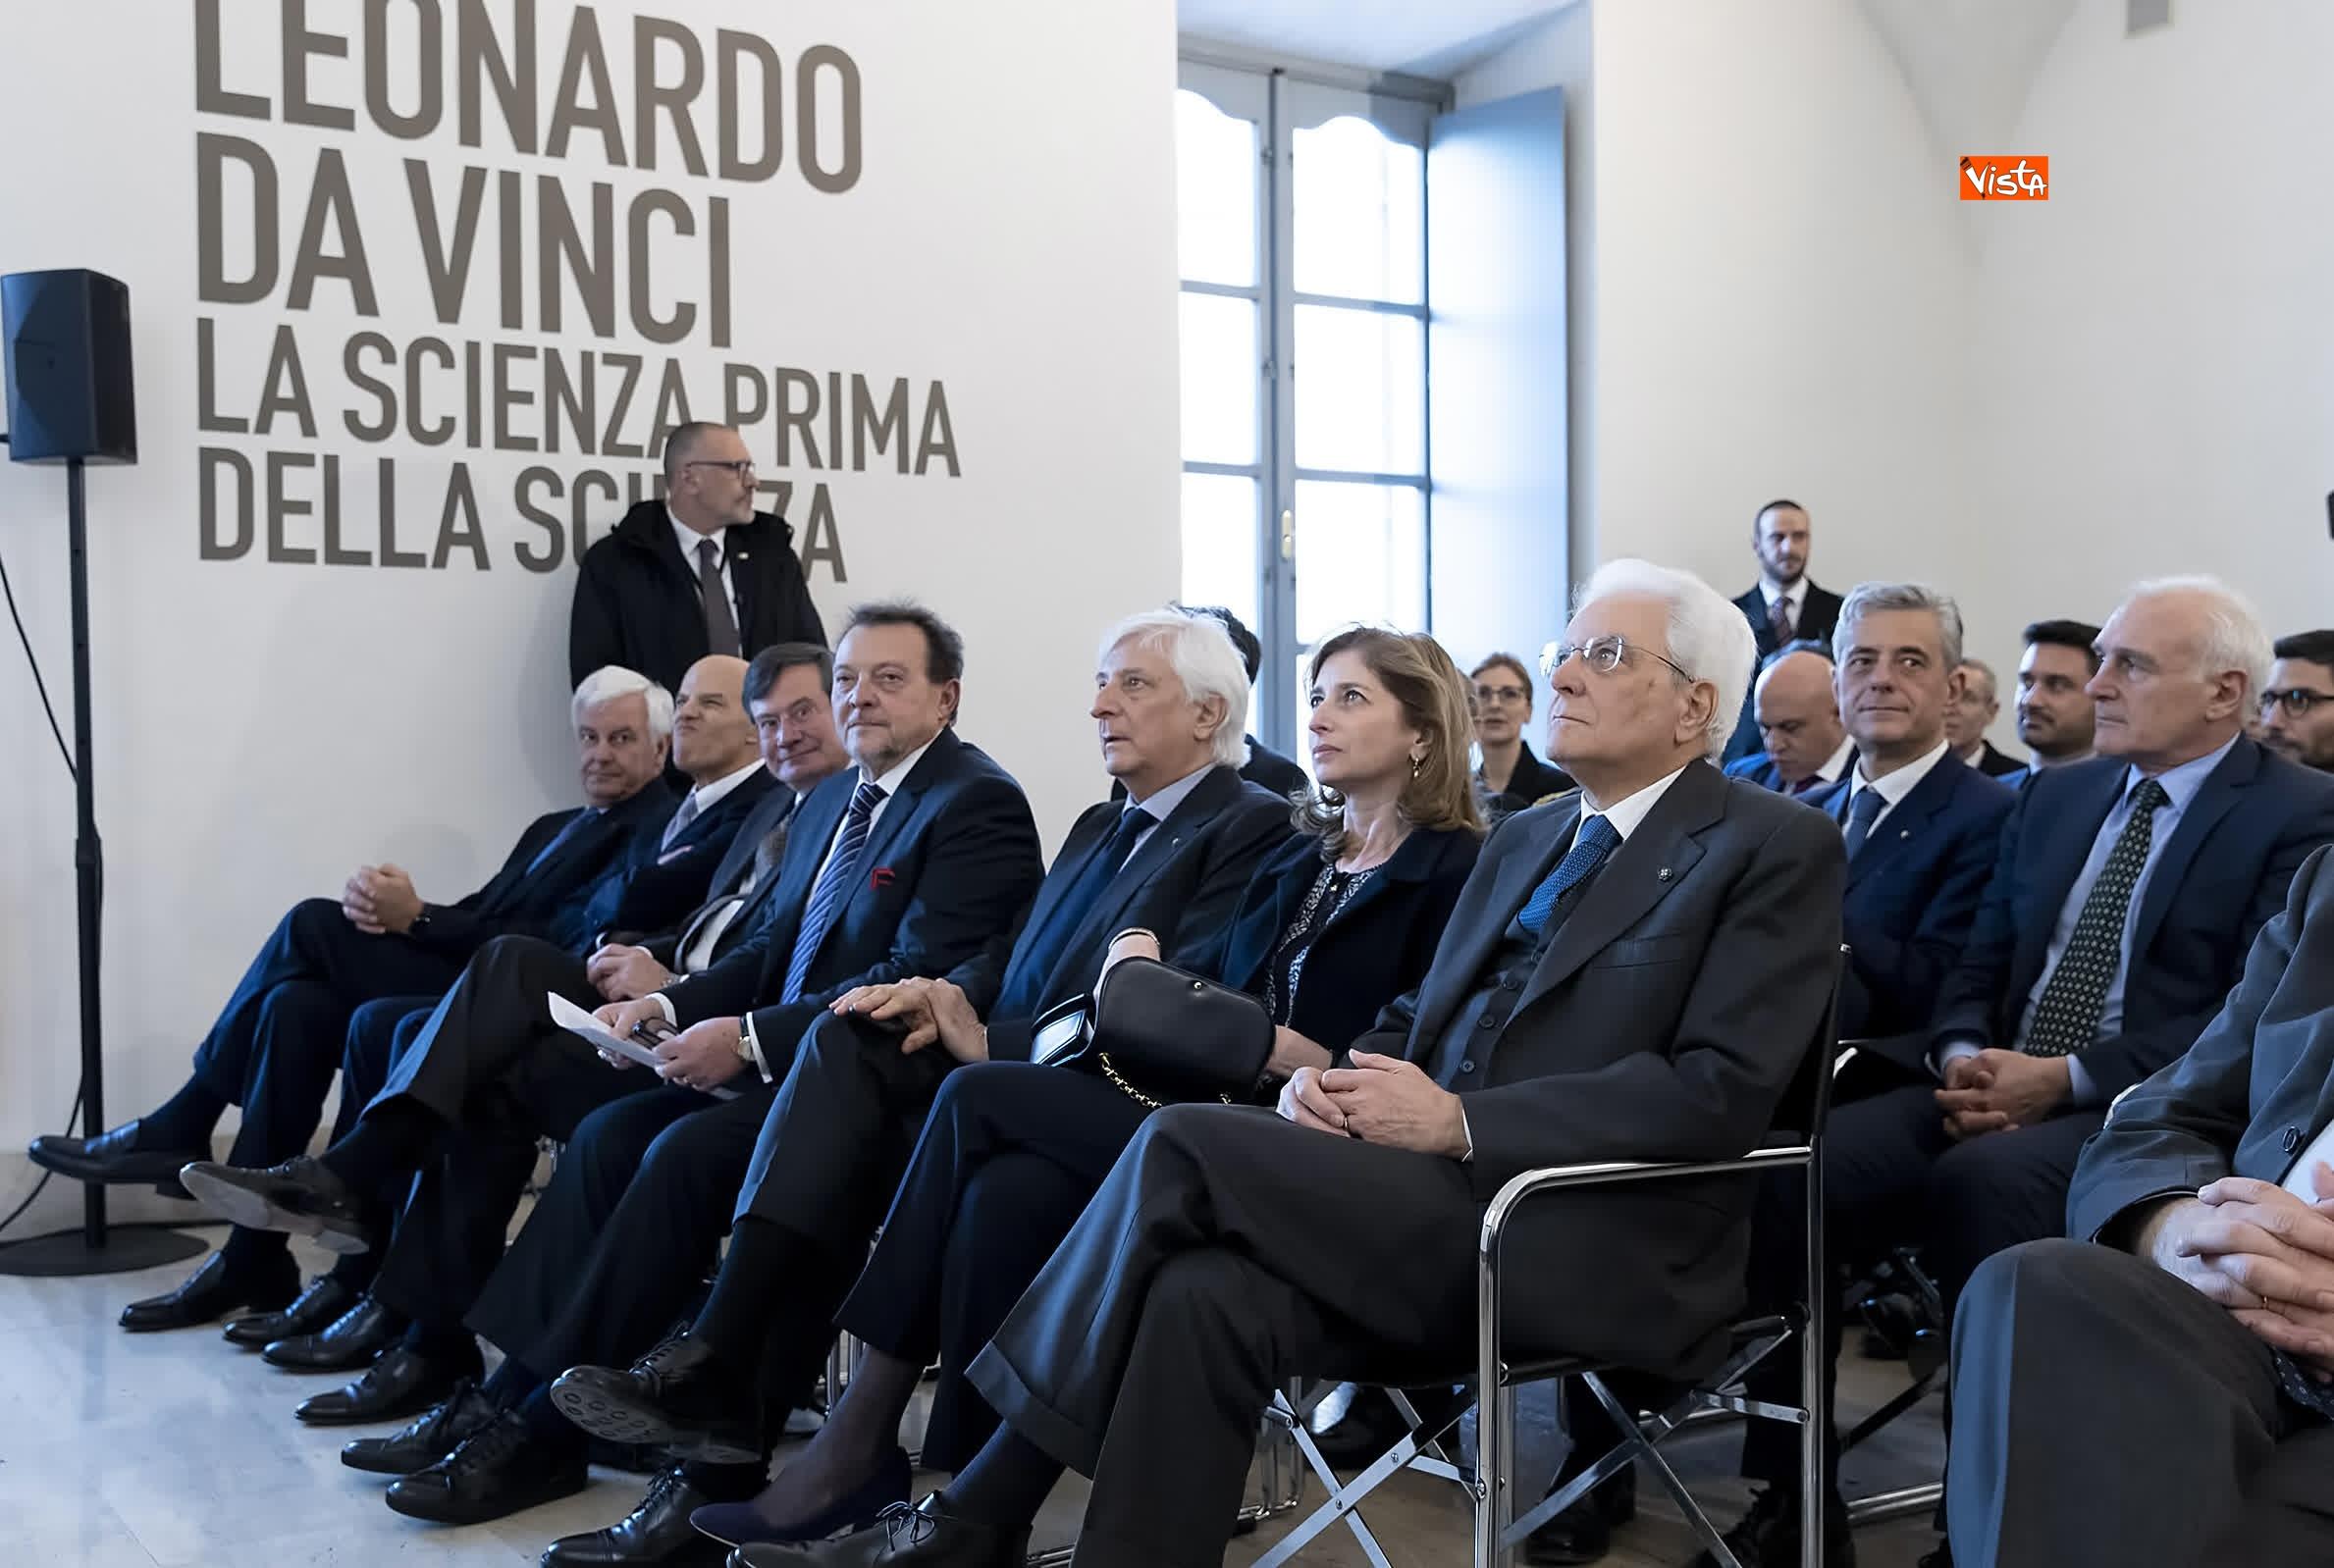 11-03-19 Mattarella a inaugurazione della mostra Leonardo Da Vinci_03. La scienza prima della scienza